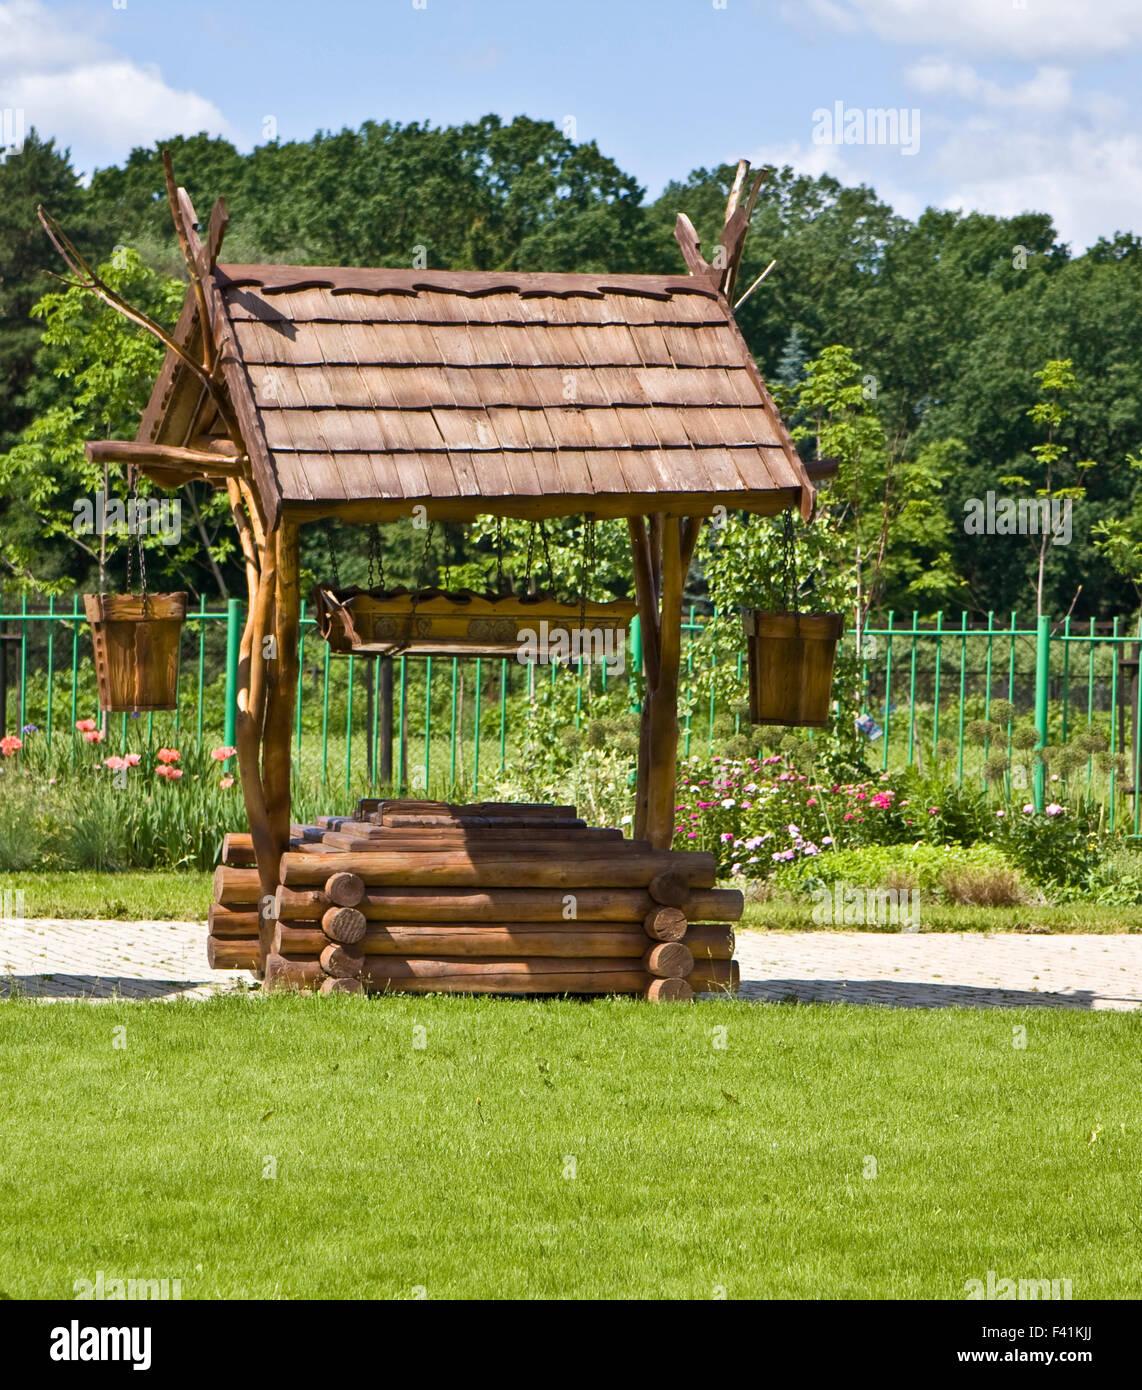 Ausstellung der Landschaftsgestaltung - Holz gut zeichnen. Stockbild